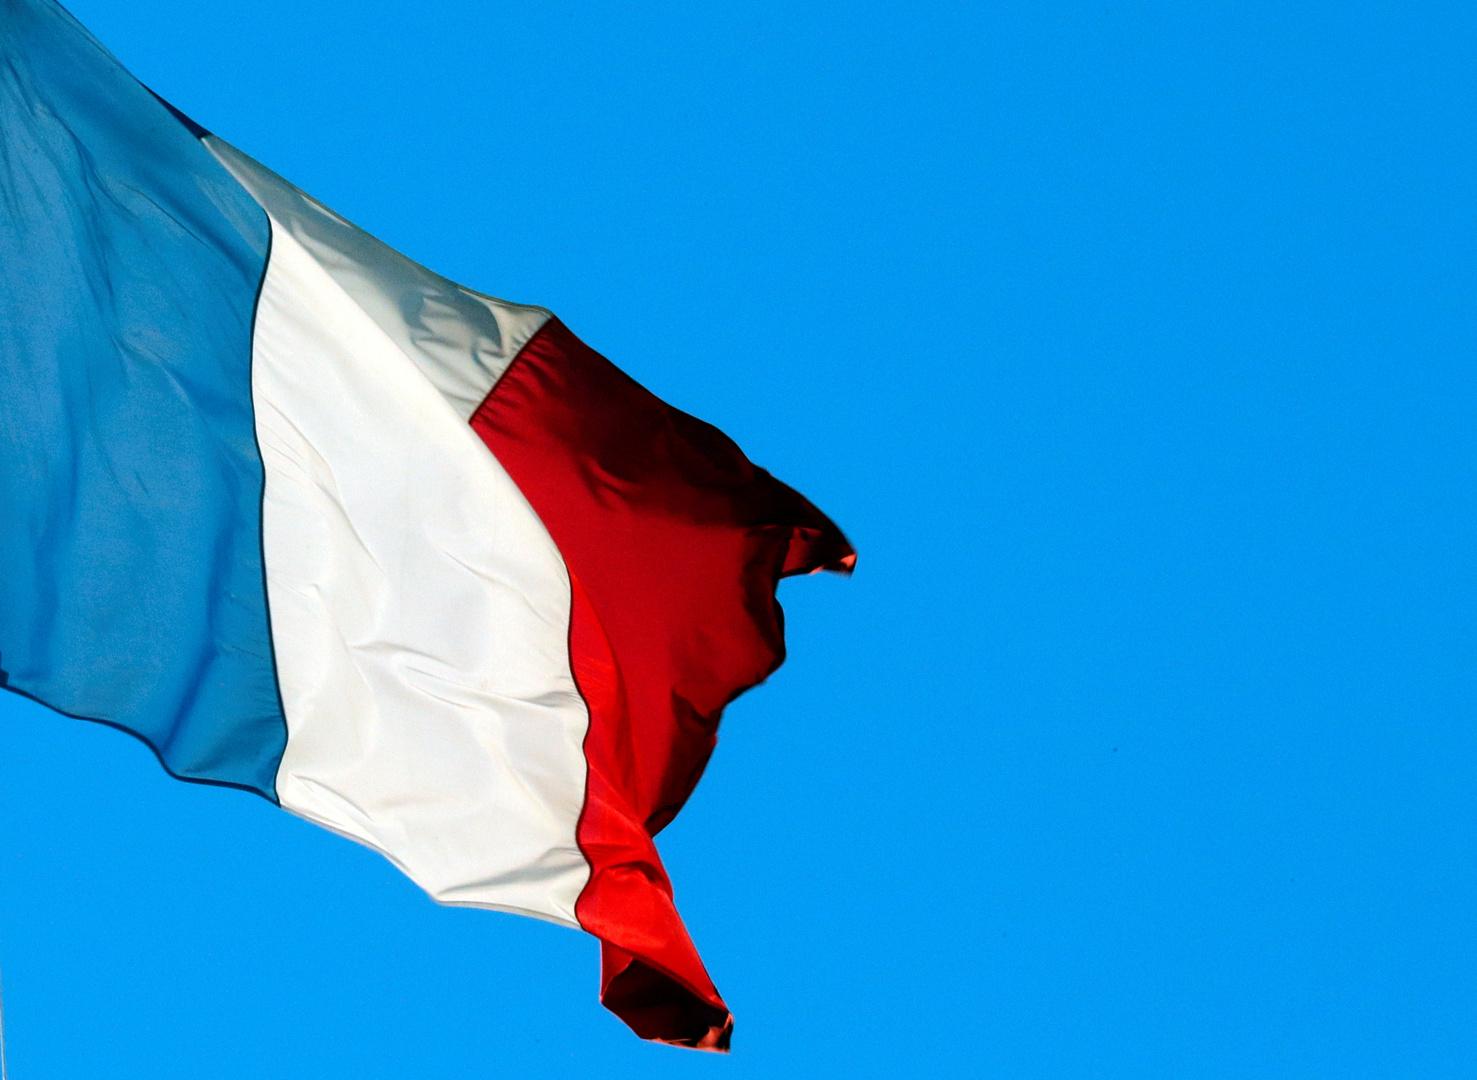 مصدر بالشرطة الفرنسية: مقتل شخص بإطلاق نار أمام مستشفى في باريس